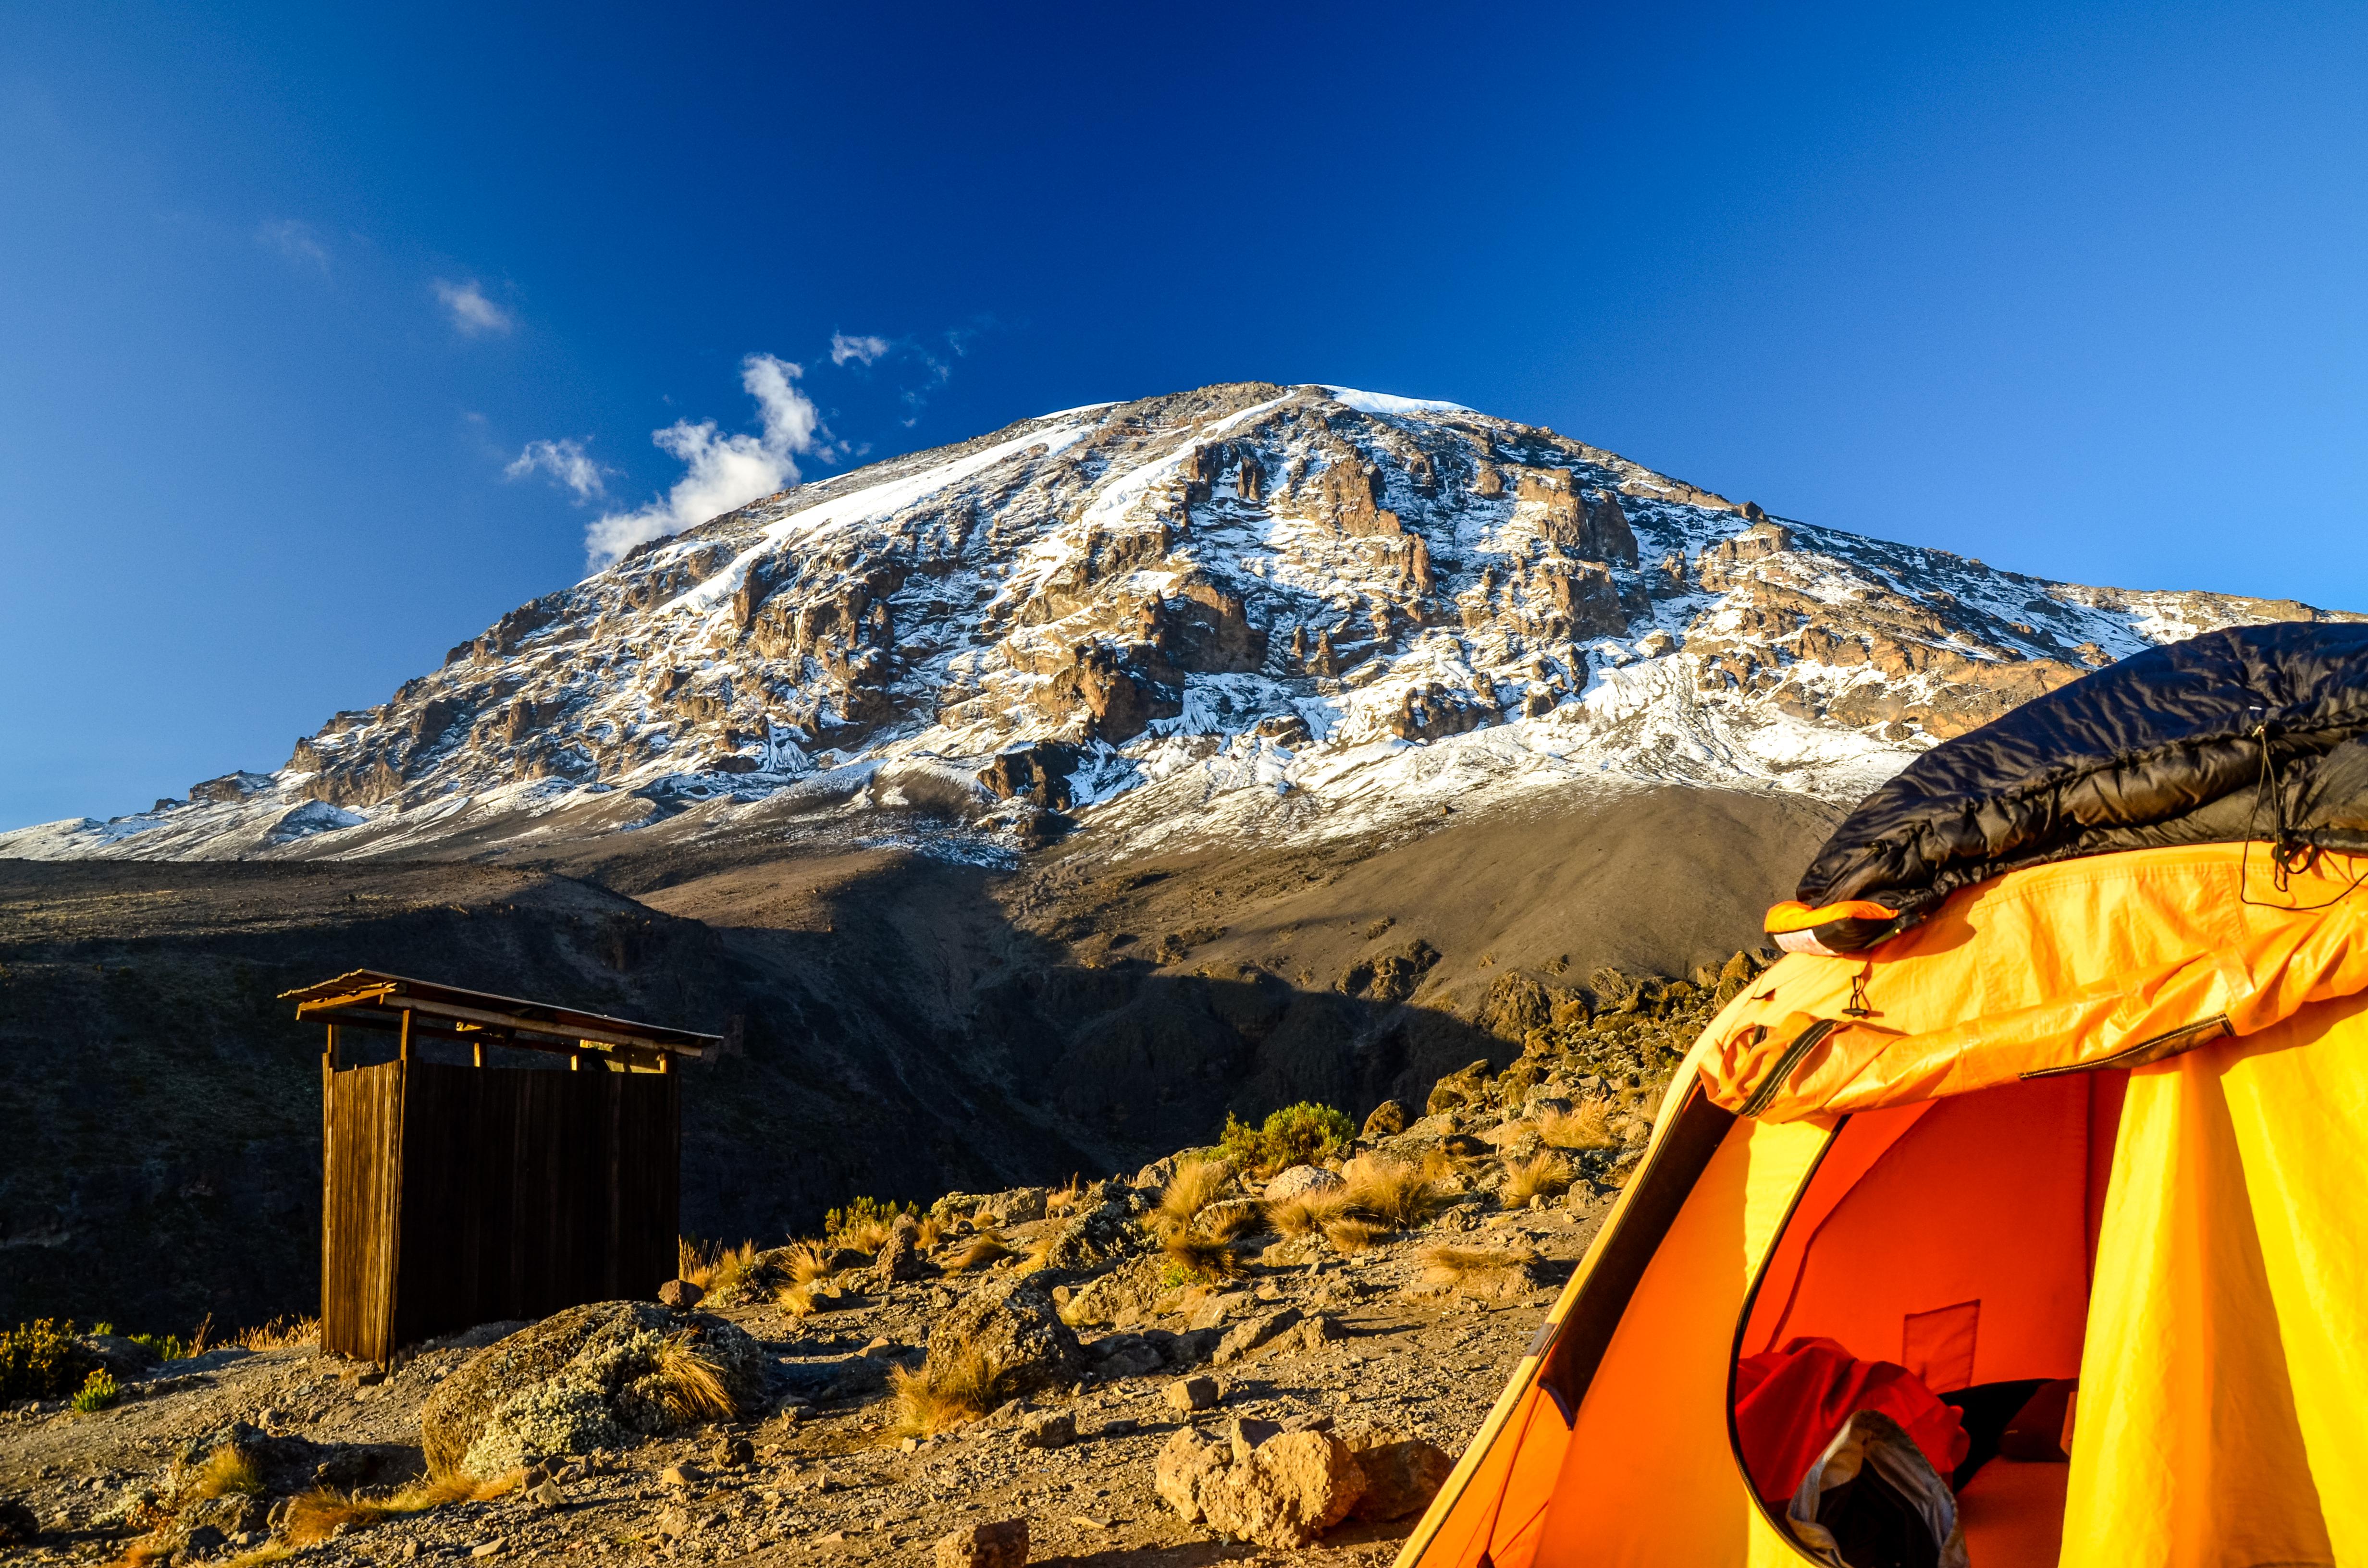 La paciencia es la madre de la ciencia - Tanzania Gran Viaje Ascensión al Kilimanjaro: Ruta Marangu